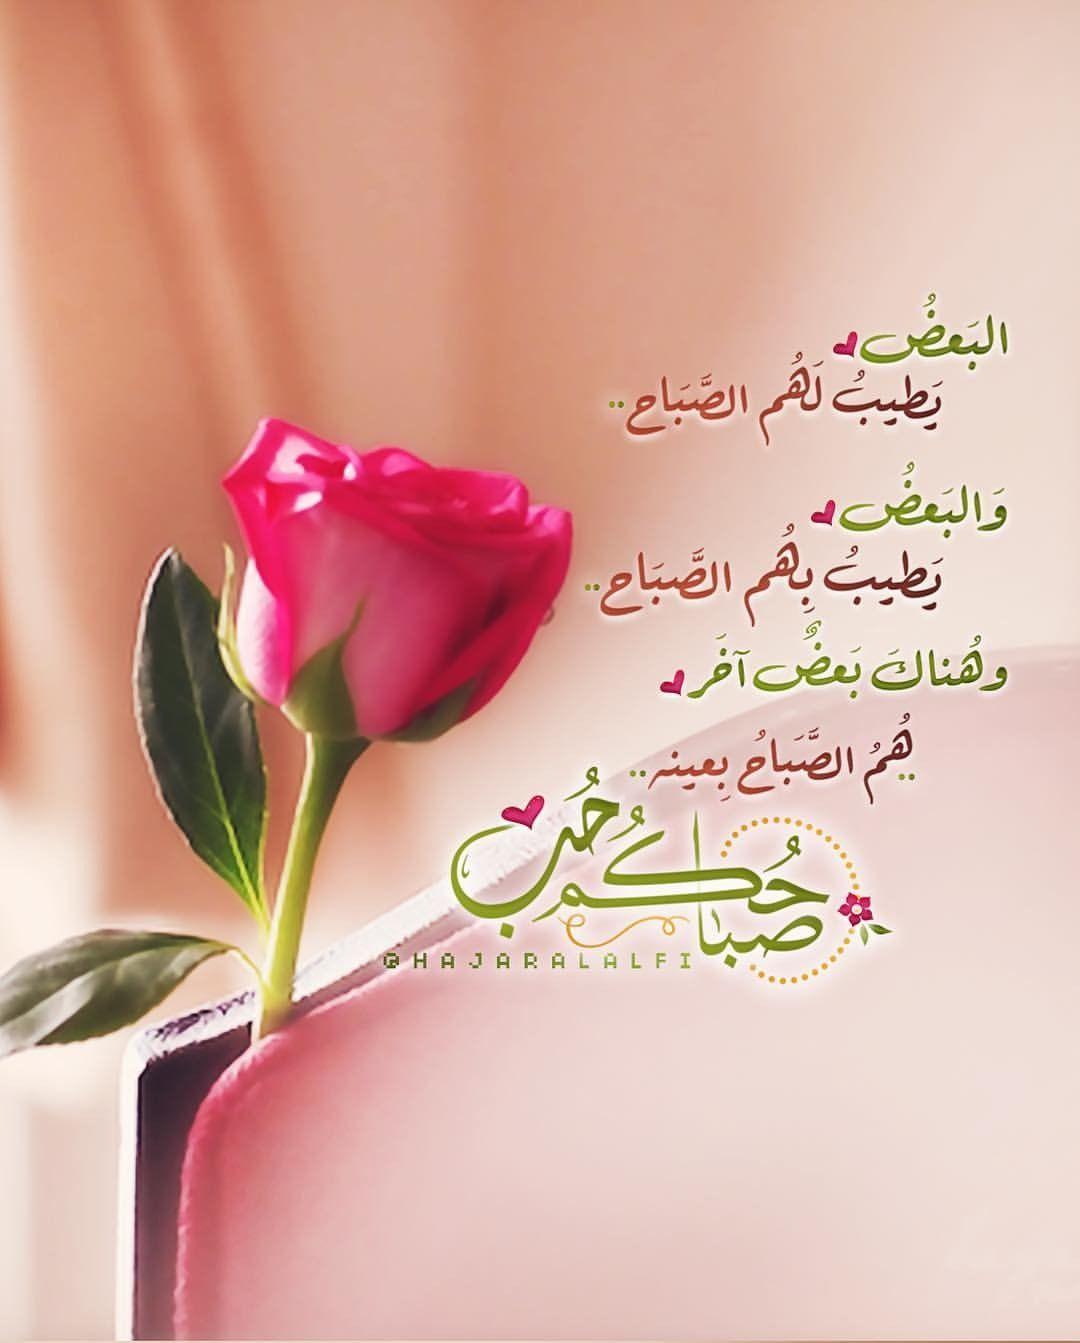 Pin By محمد حسانين On صبح و مساء تصاميمي Good Morning Arabic Morning Greeting Good Morning Greetings